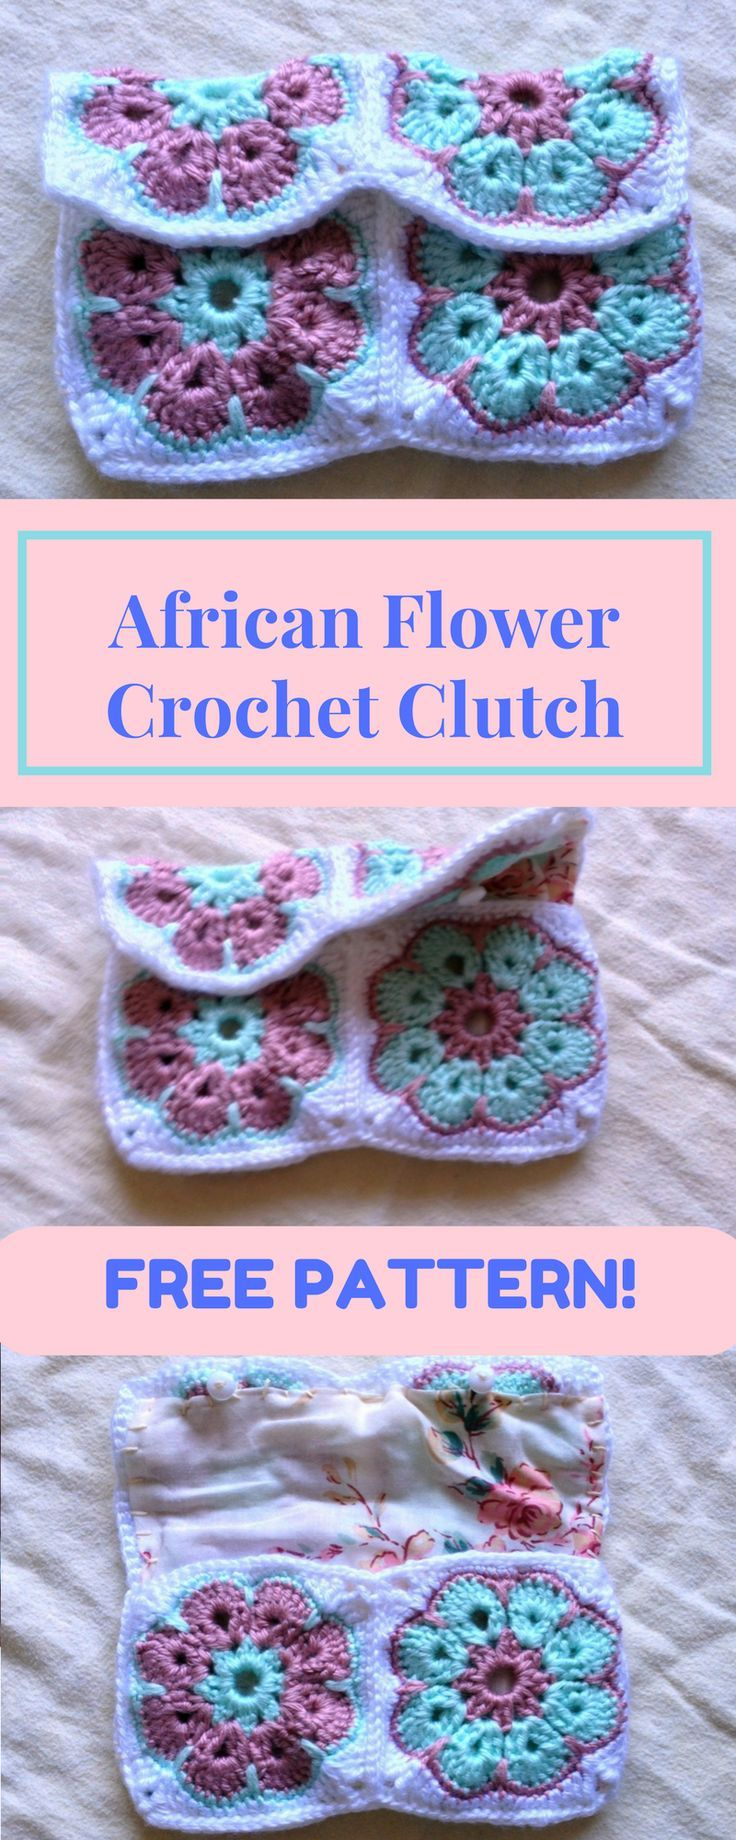 African Flower Crochet Clutch